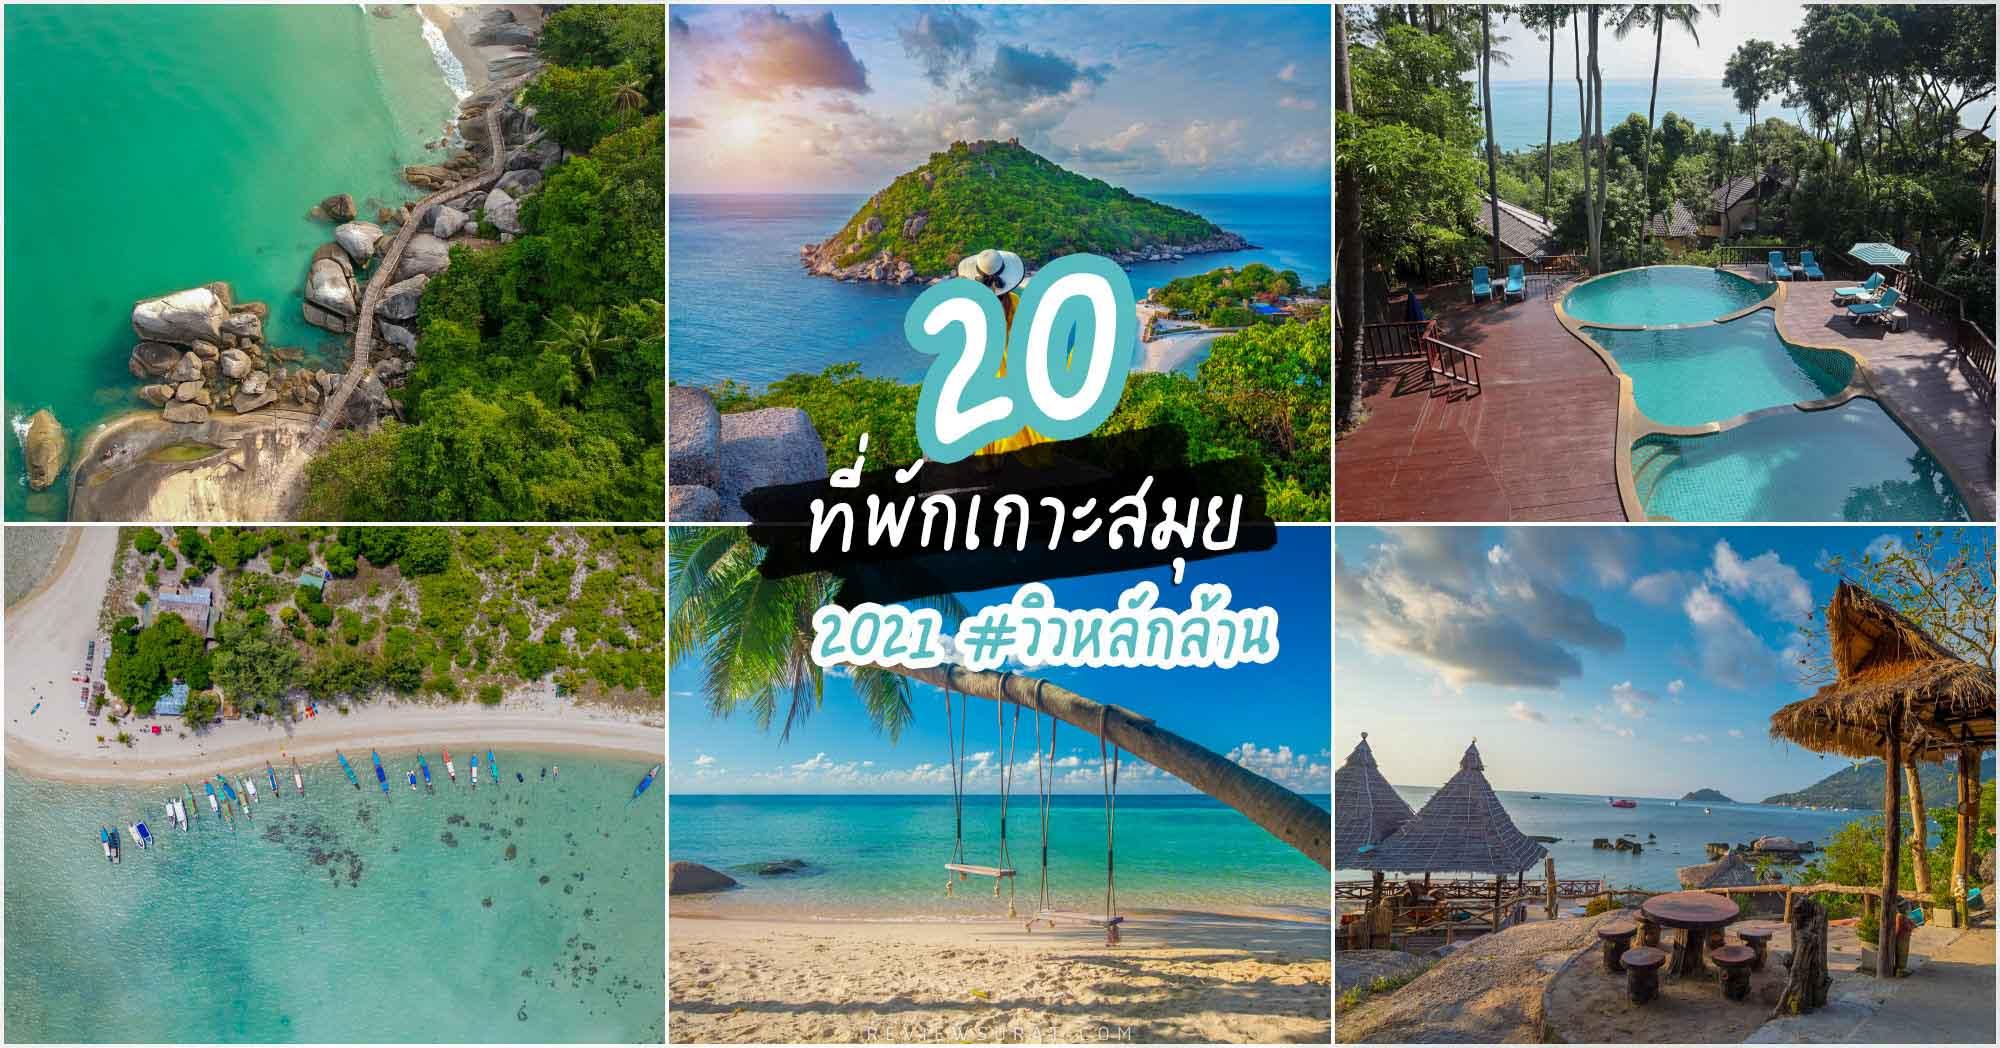 20 ที่พักเกาะสมุย 2021 บอกเลยว่าดีย์ต่อใจ วิวหลักล้าน ติดริมทะเล สระว่ายน้ำสวย เต็มสิบไม่หักต้องห้ามพลาด